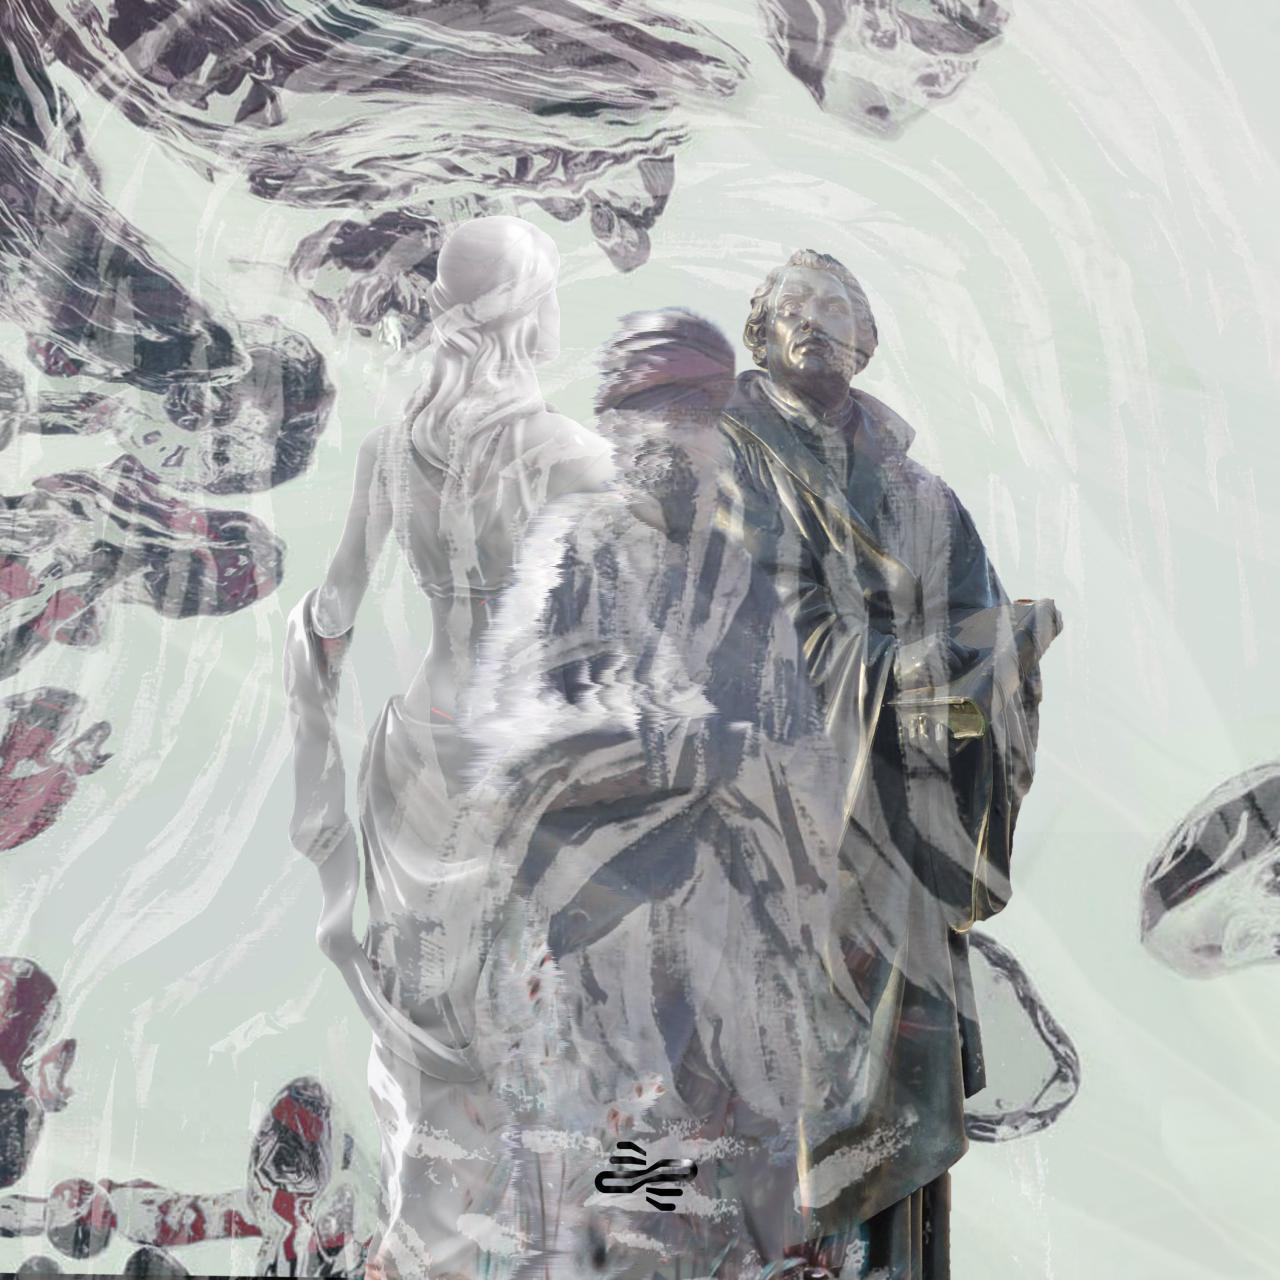 شیخ کاذب از وطن پرست